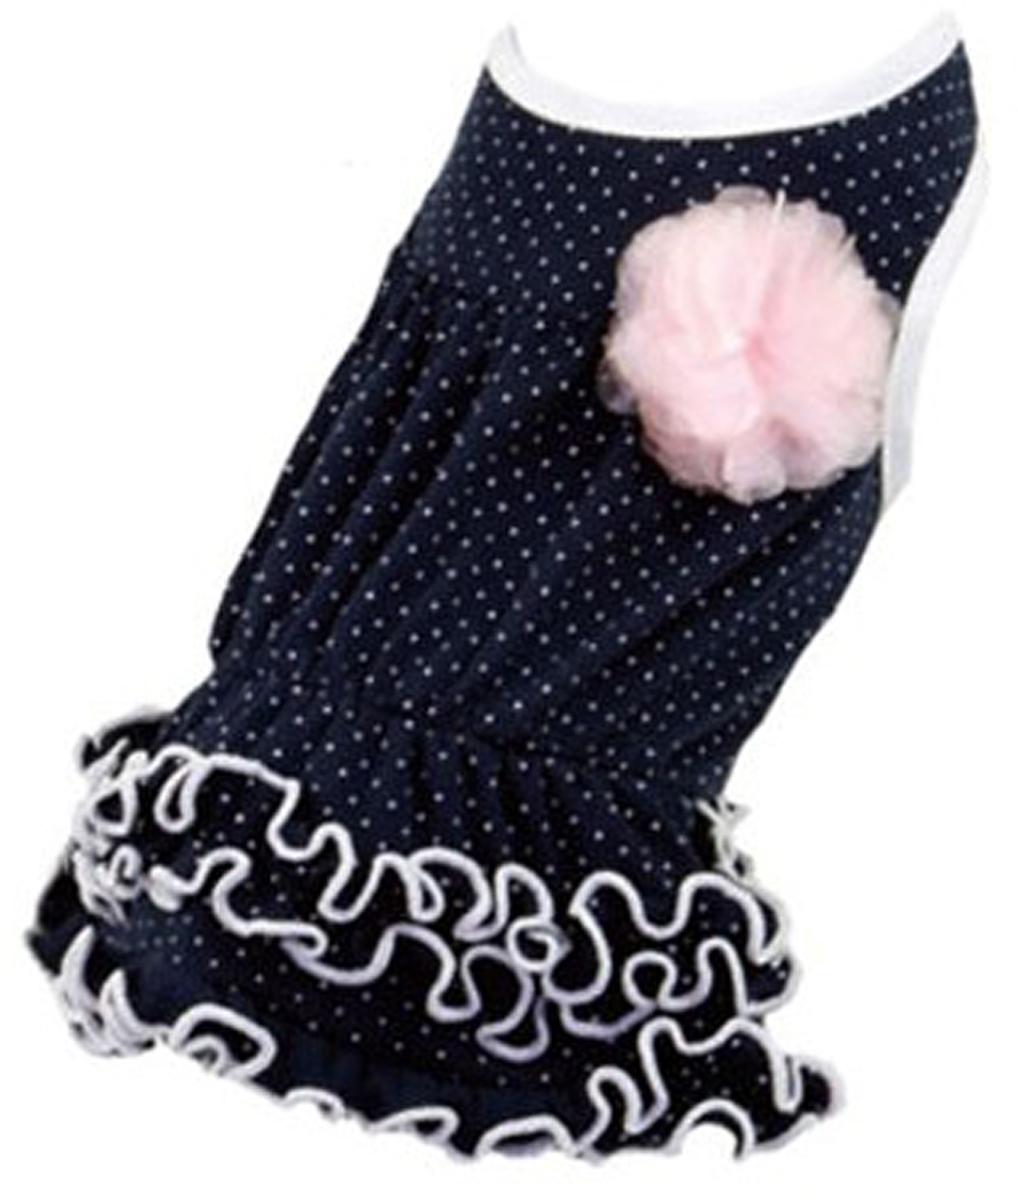 Платье для собак Dobaz, цвет: темно-синий. ДА13019АЛ. Размер LДА13019АЛШикарное платье с принтом в горошек Dobaz выполнено из плотного хлопка. На спинке декоративная брошь-цветочек. Юбочка оформлена рюшами. Модель идеально сидит и не сковывает движения. В таком платье ваша собачка будет самой красивой на прогулке. Обхват шеи: 31 см.Обхват груди: 48 см.Длина спинки: 33 см.Одежда для собак: нужна ли она и как её выбрать. Статья OZON Гид